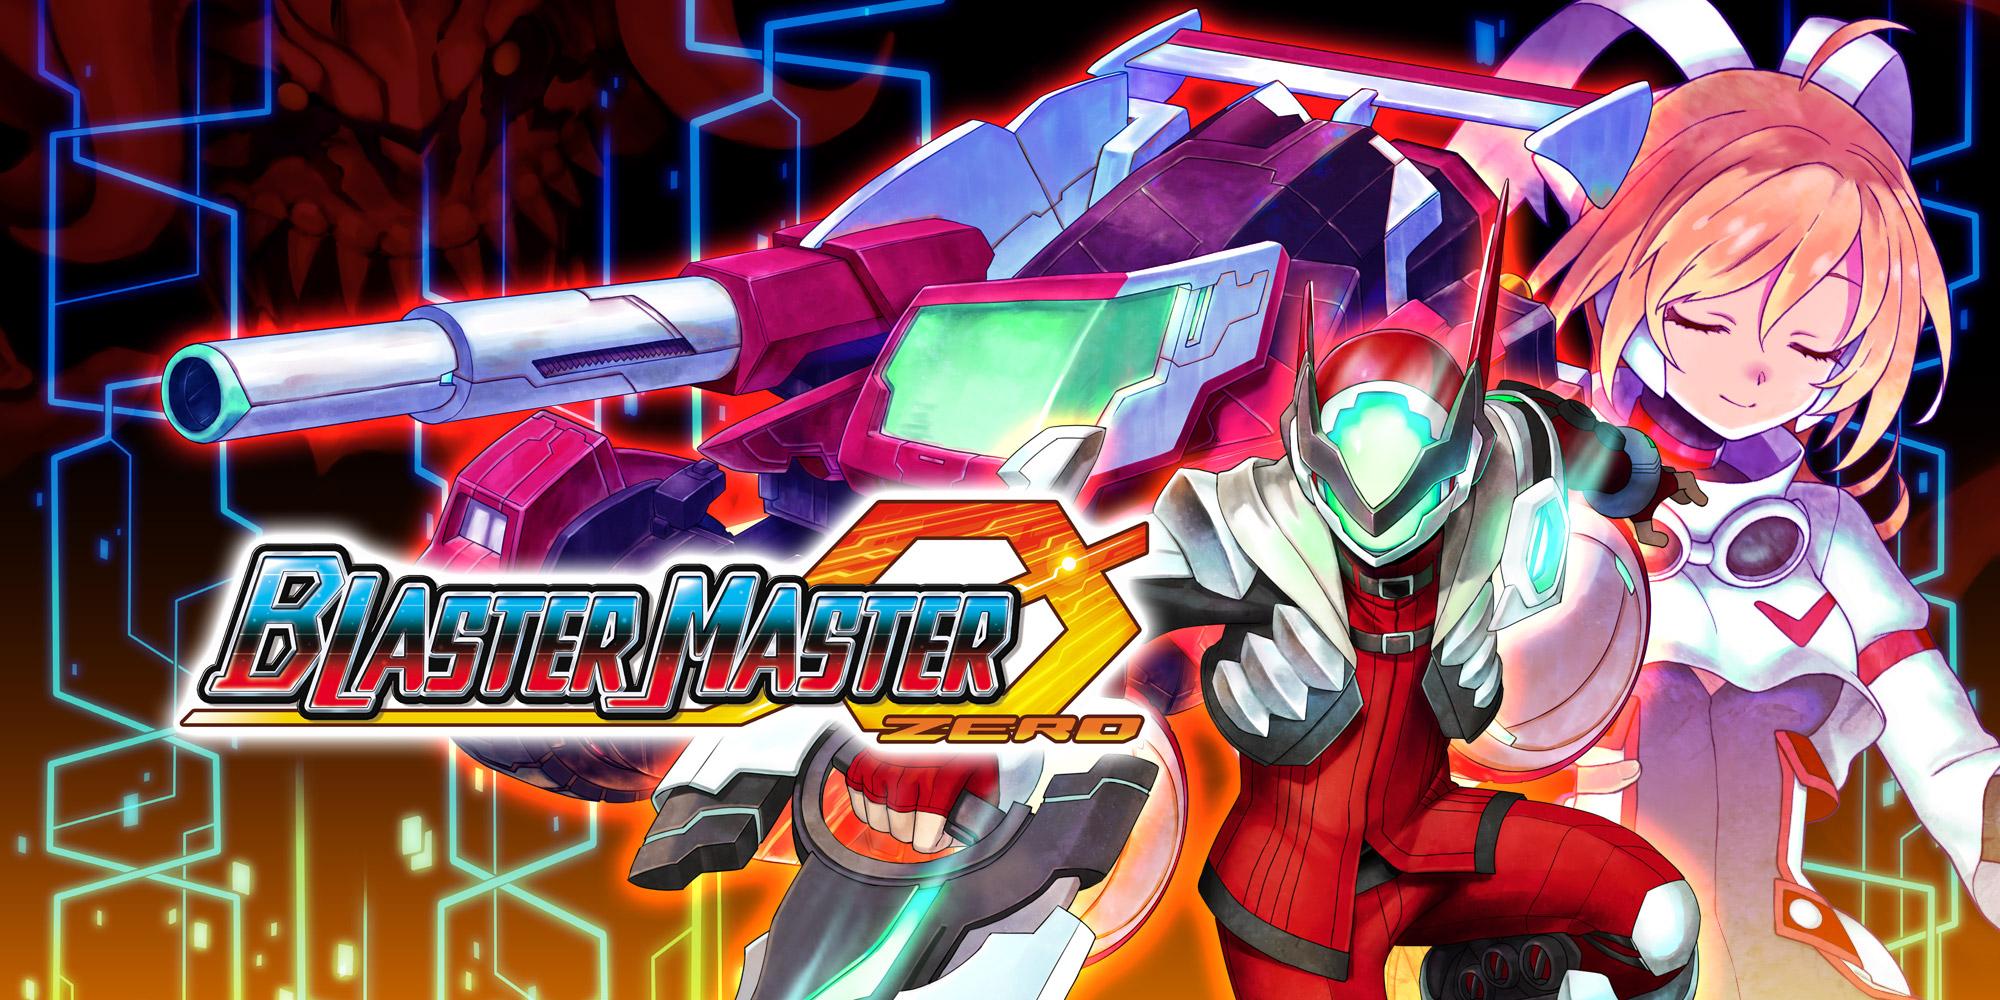 Blaster Master Zero key art